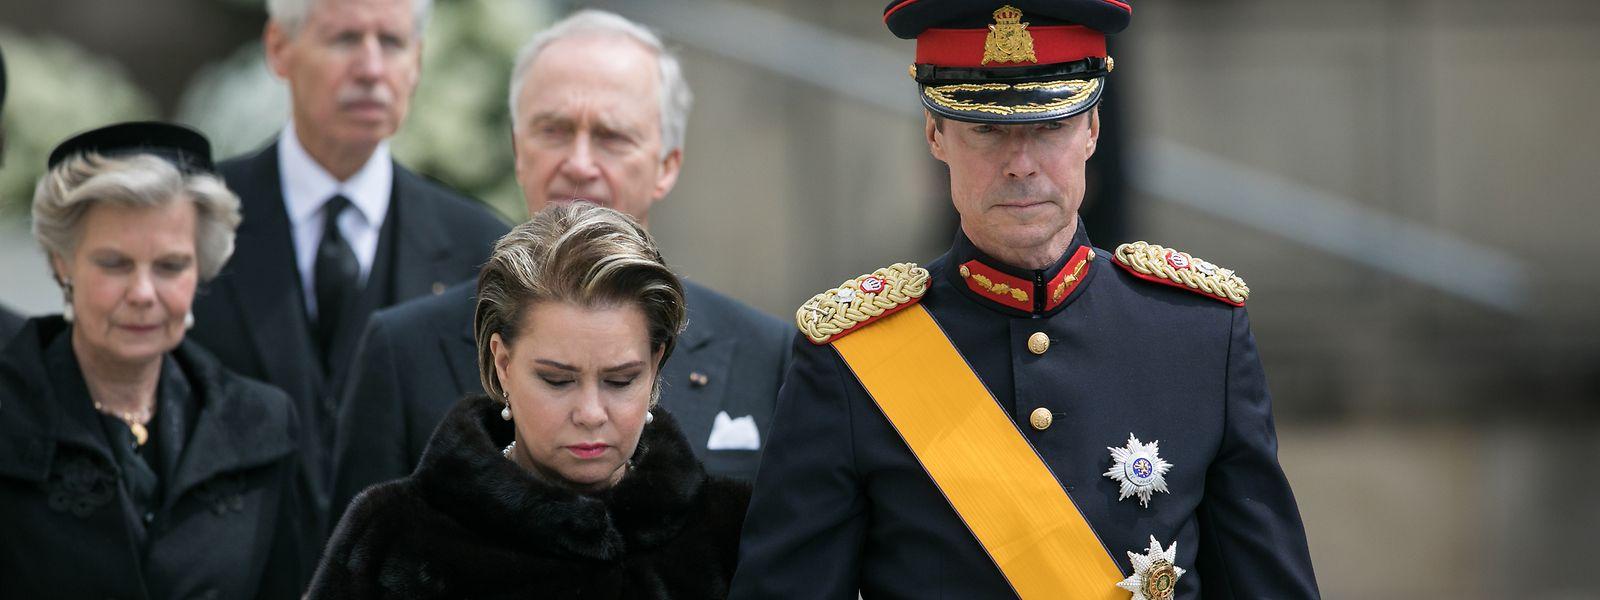 Pour la Cour et le pays, 2019 aura été marquée par les obsèques du Grand-Duc Jean, en mai dernier.